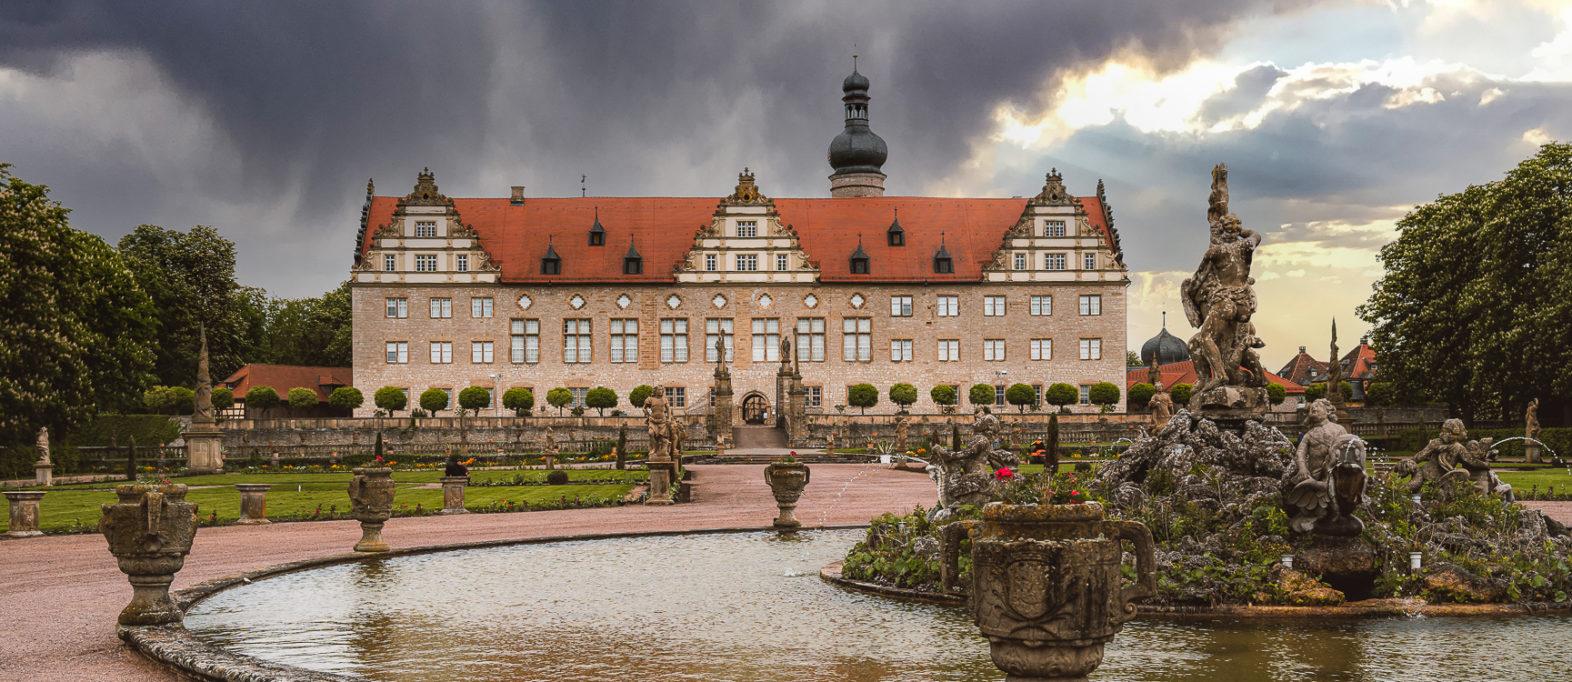 Taubertal Sehenswürdigkeiten Schloss Weikersheim